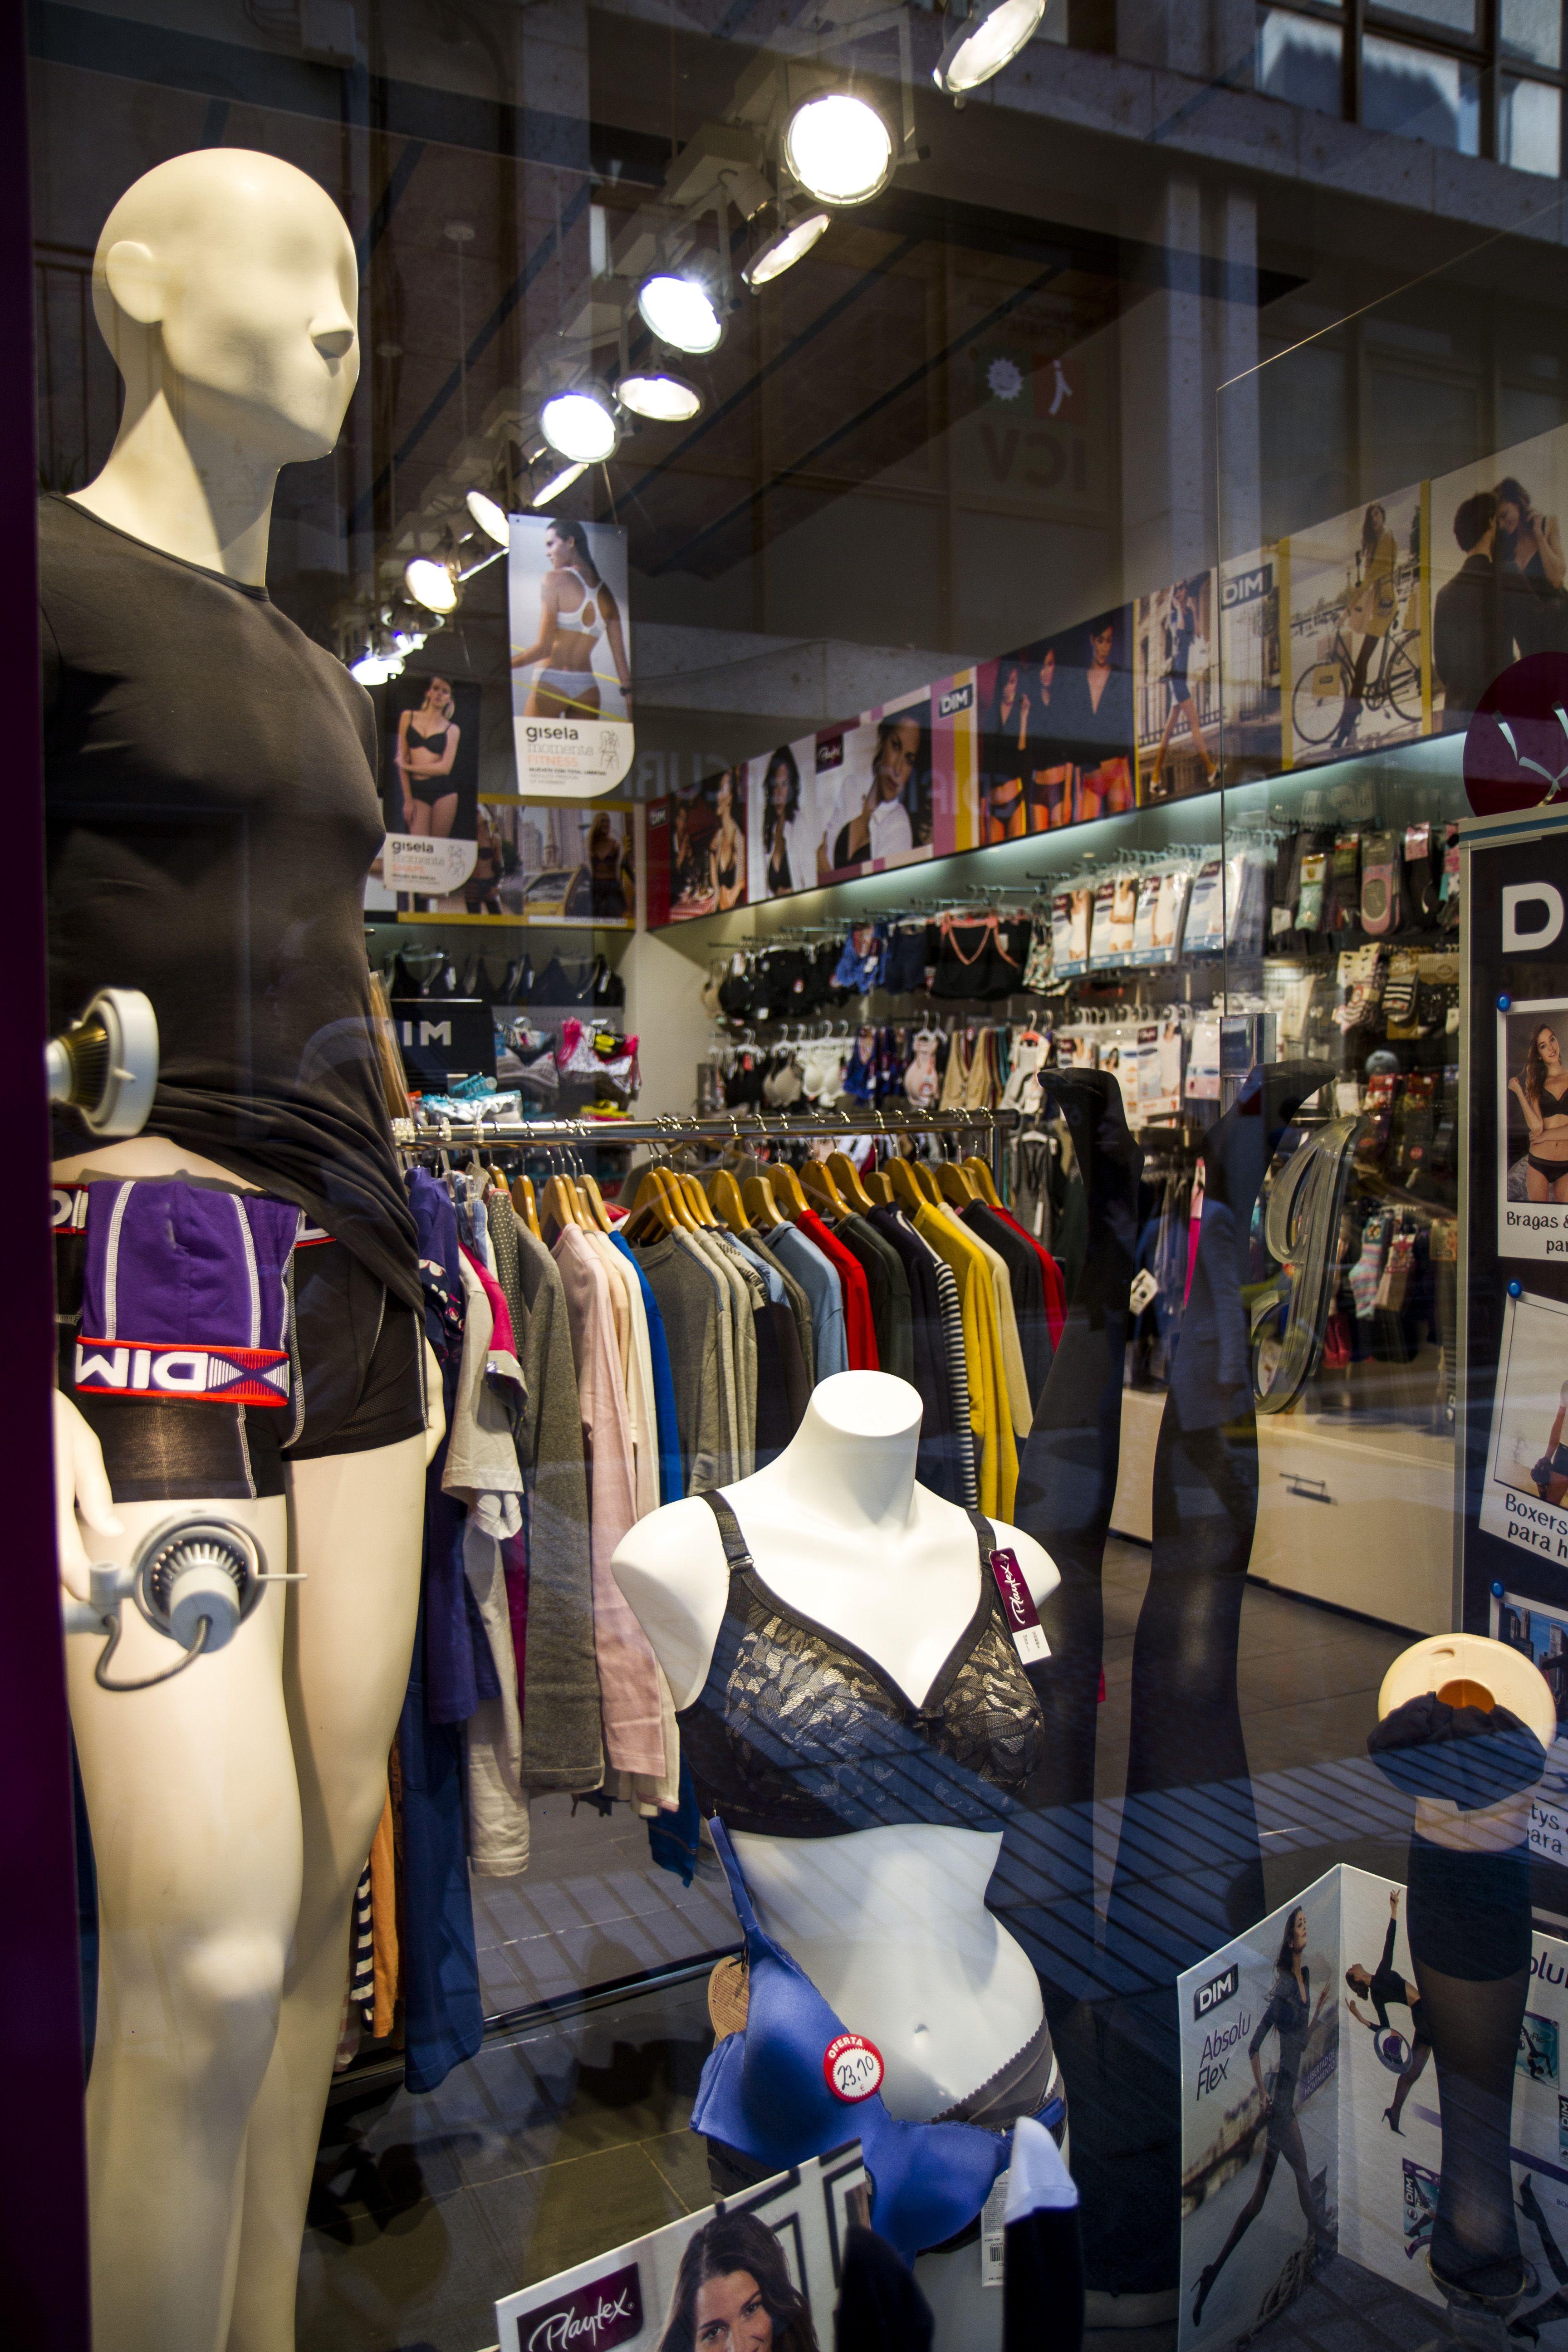 Tienda de ropa interior en Figueres